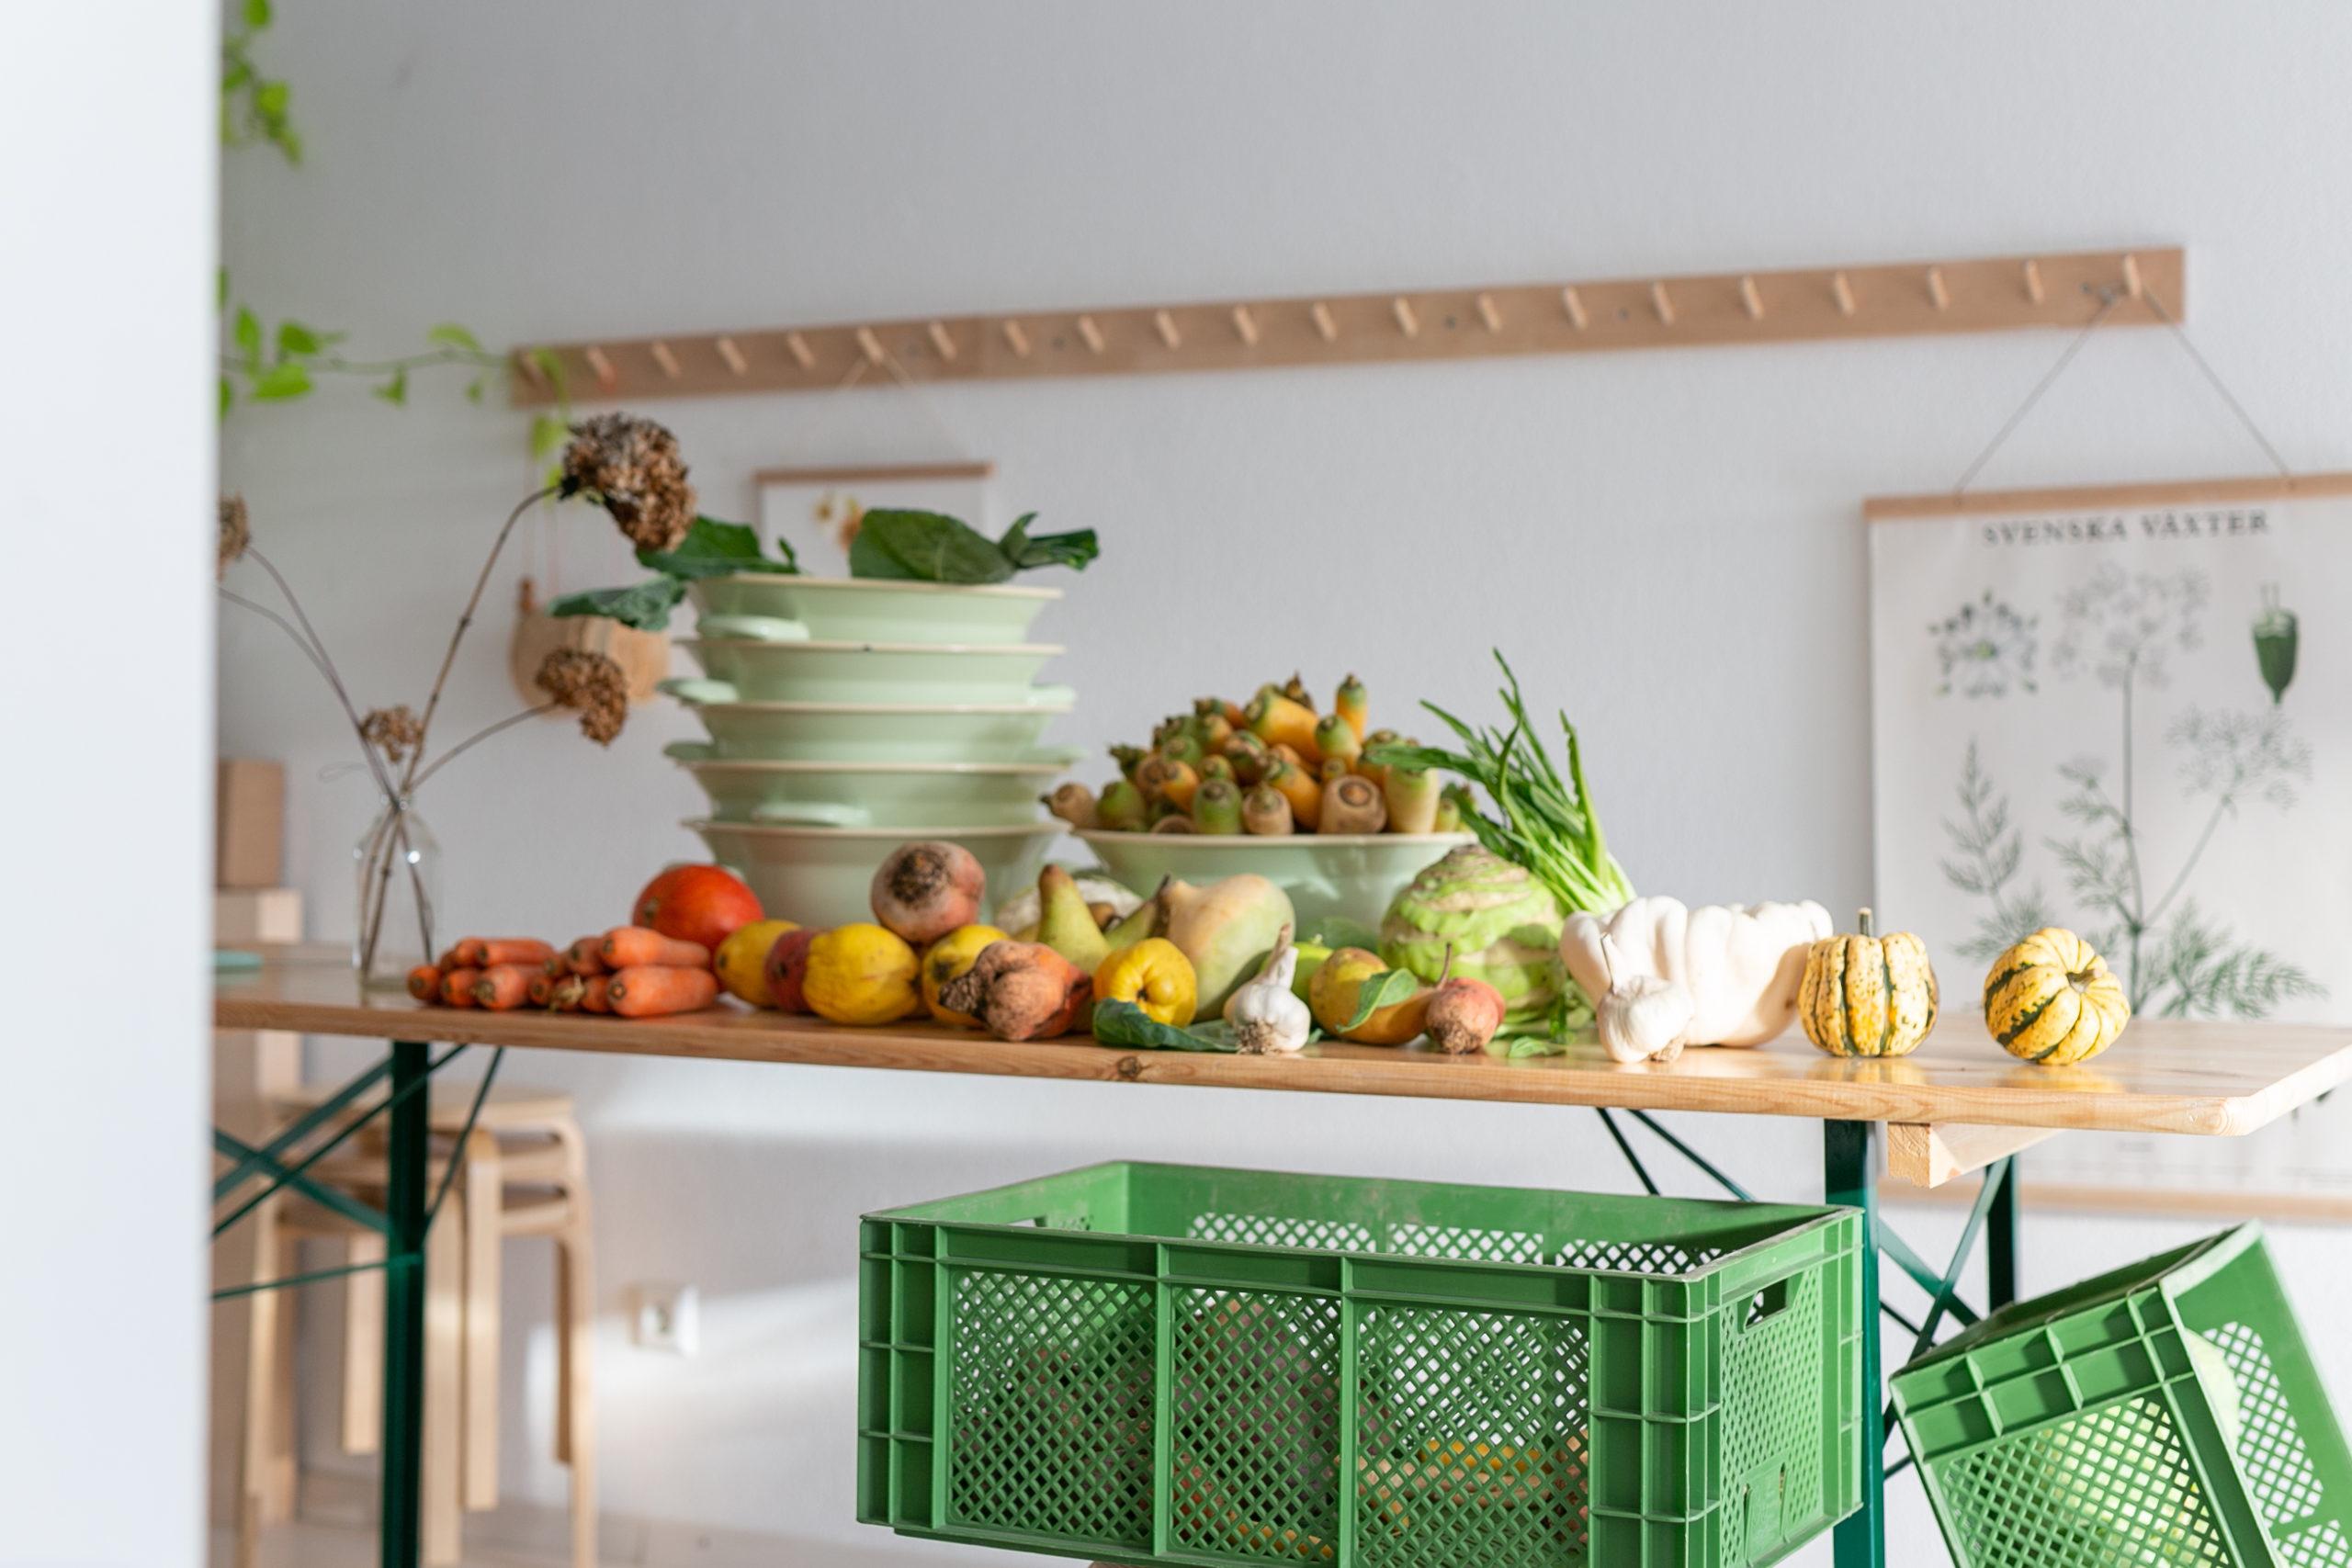 Obst und Gemuse liegt vorbereitet fuer ein Fermentation Workshop